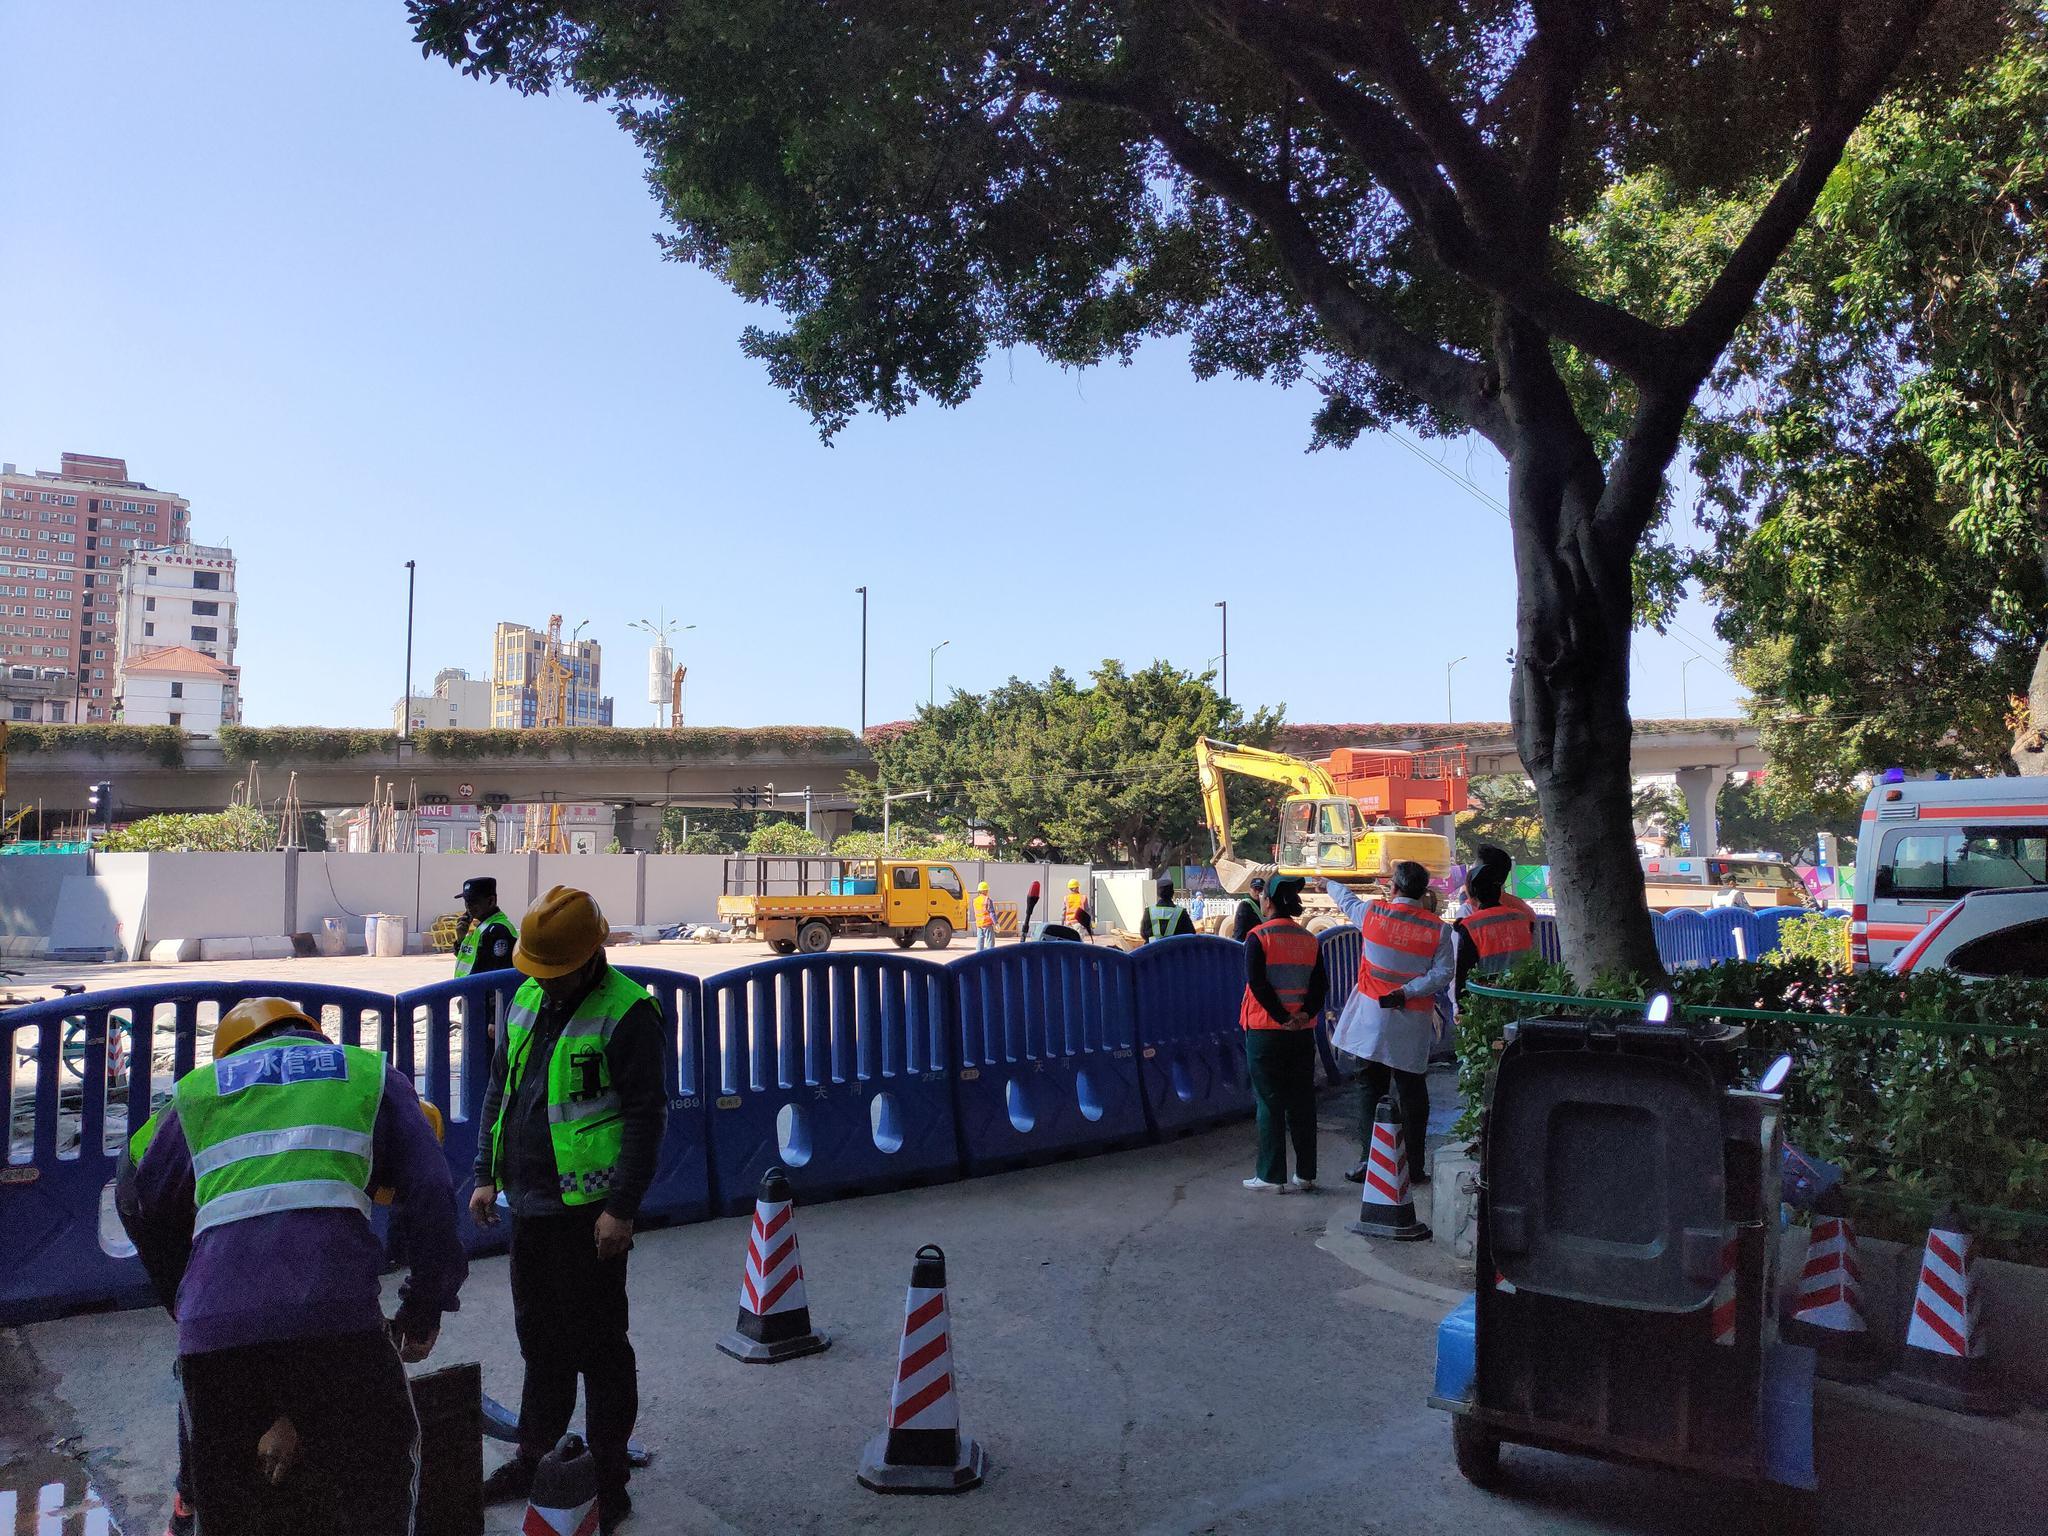 事发现场围起围栏,多台挖掘机正在作业。新京报记者 刘浩南 摄